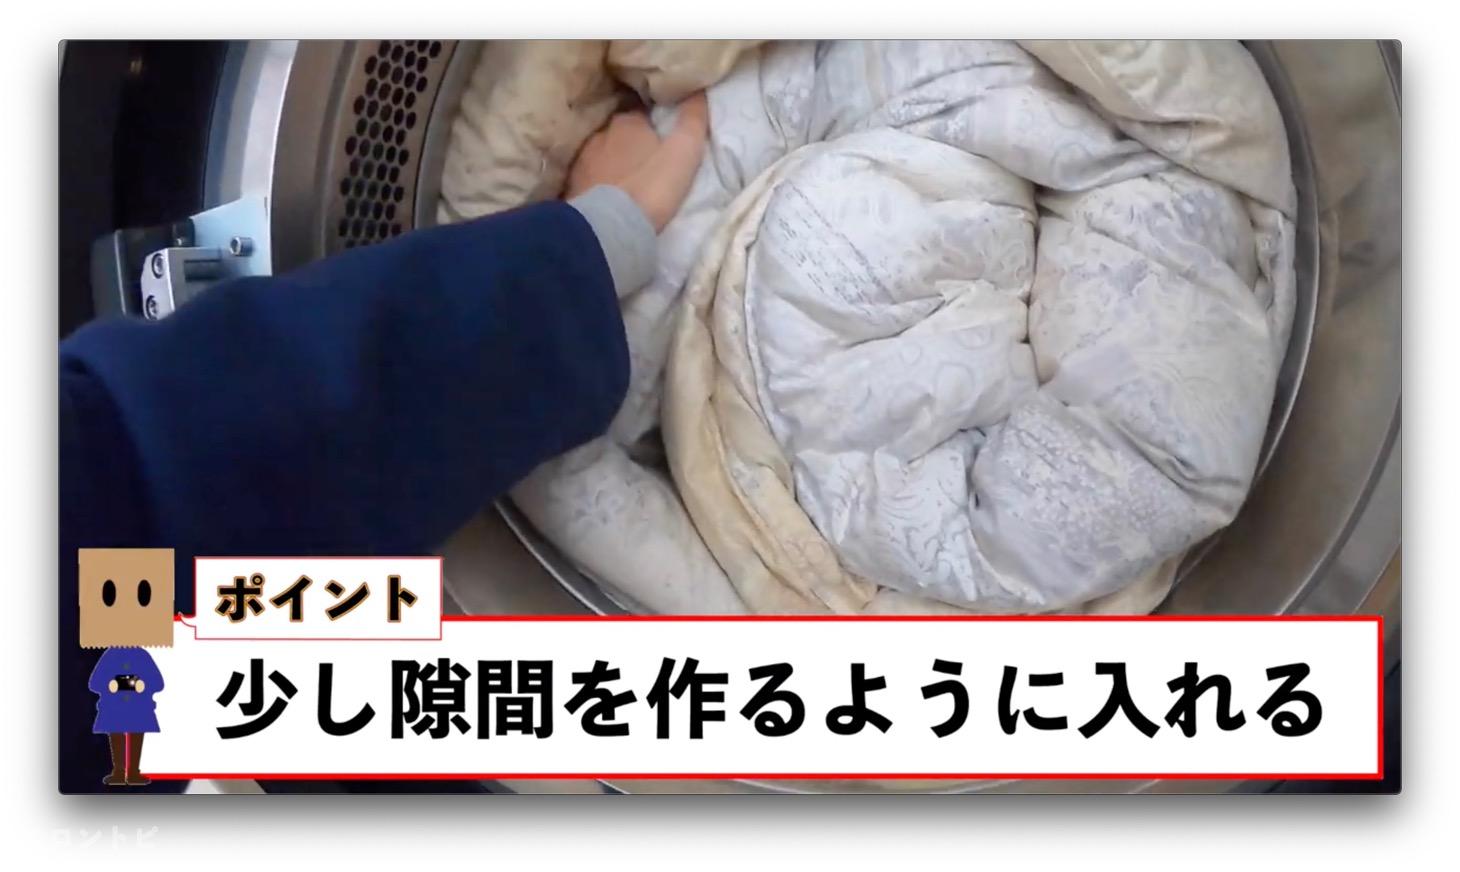 羽毛布団 洗濯 コツ